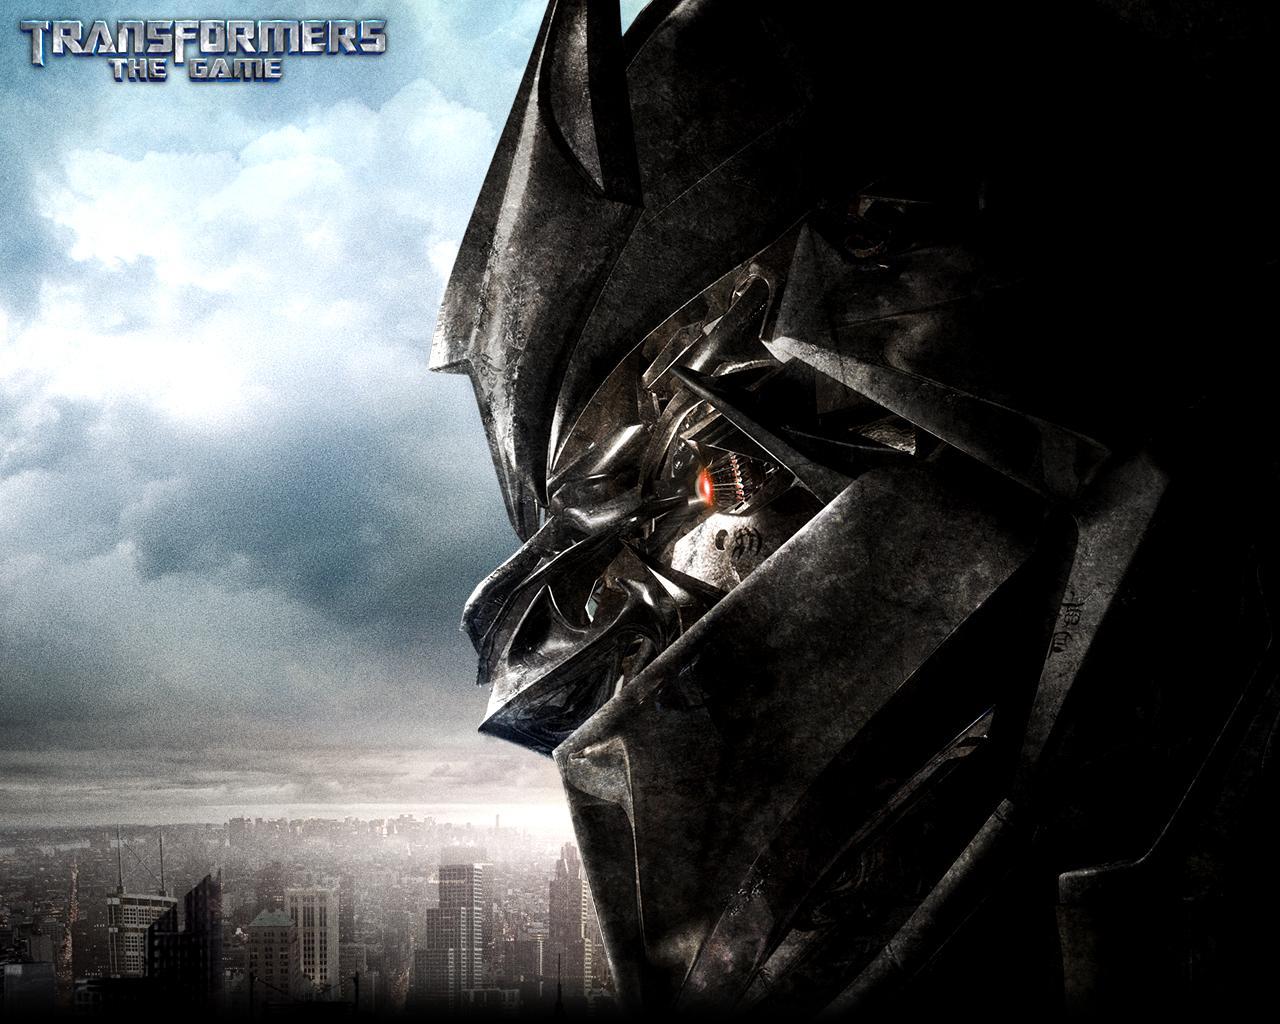 http://1.bp.blogspot.com/-z8rTDtaasDM/UIUCdL8uL5I/AAAAAAAACPE/W1Bxbwt0Y3U/s1600/transformers_wallpaper_.jpg